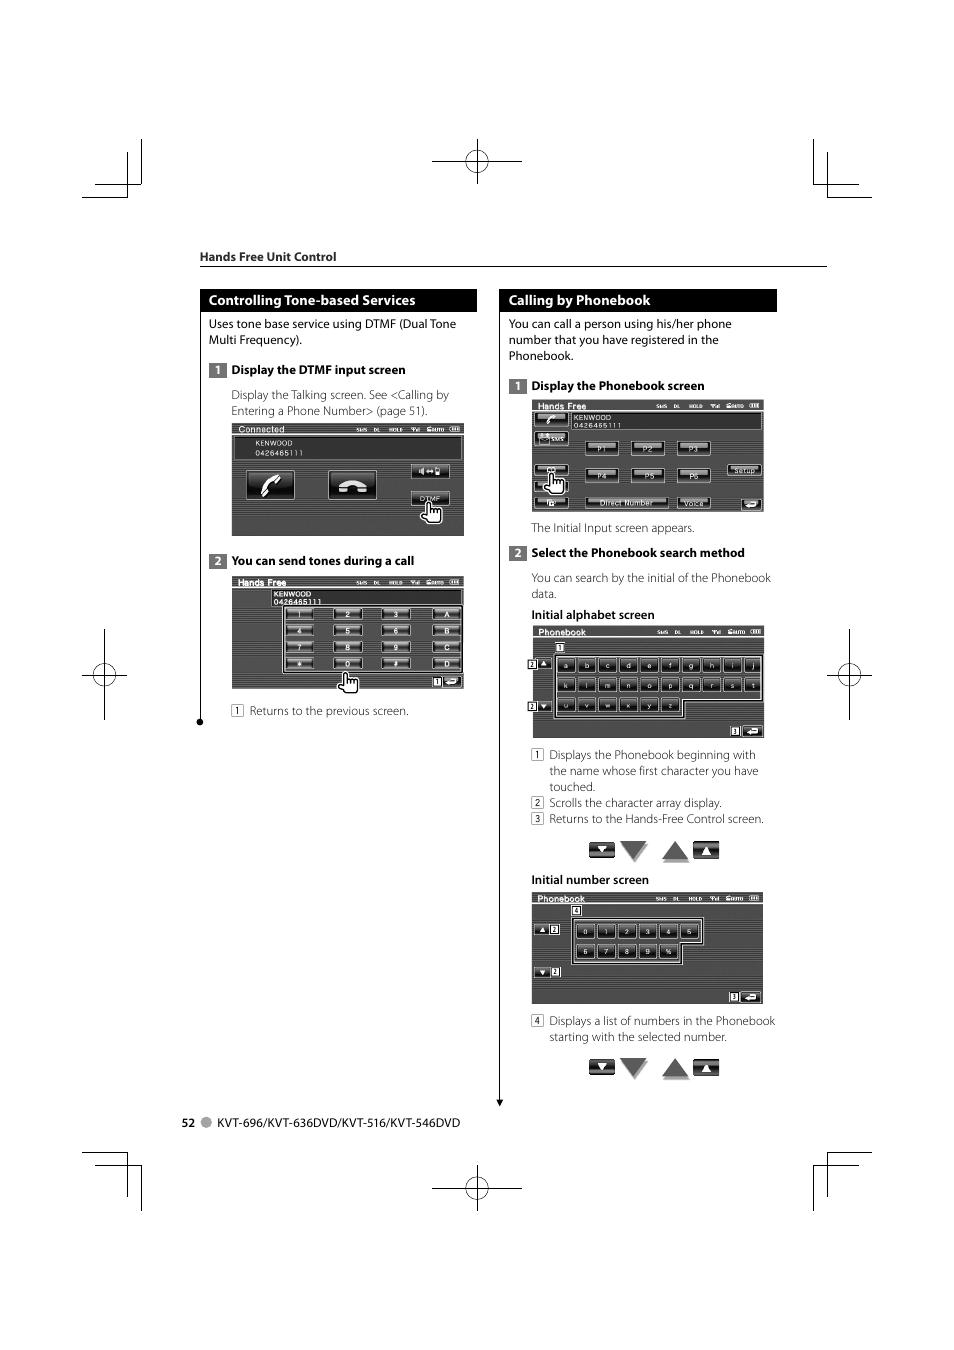 Manual Kenwood Kvt 516 Espaol 696 Wiring Diagram User Page 52 100